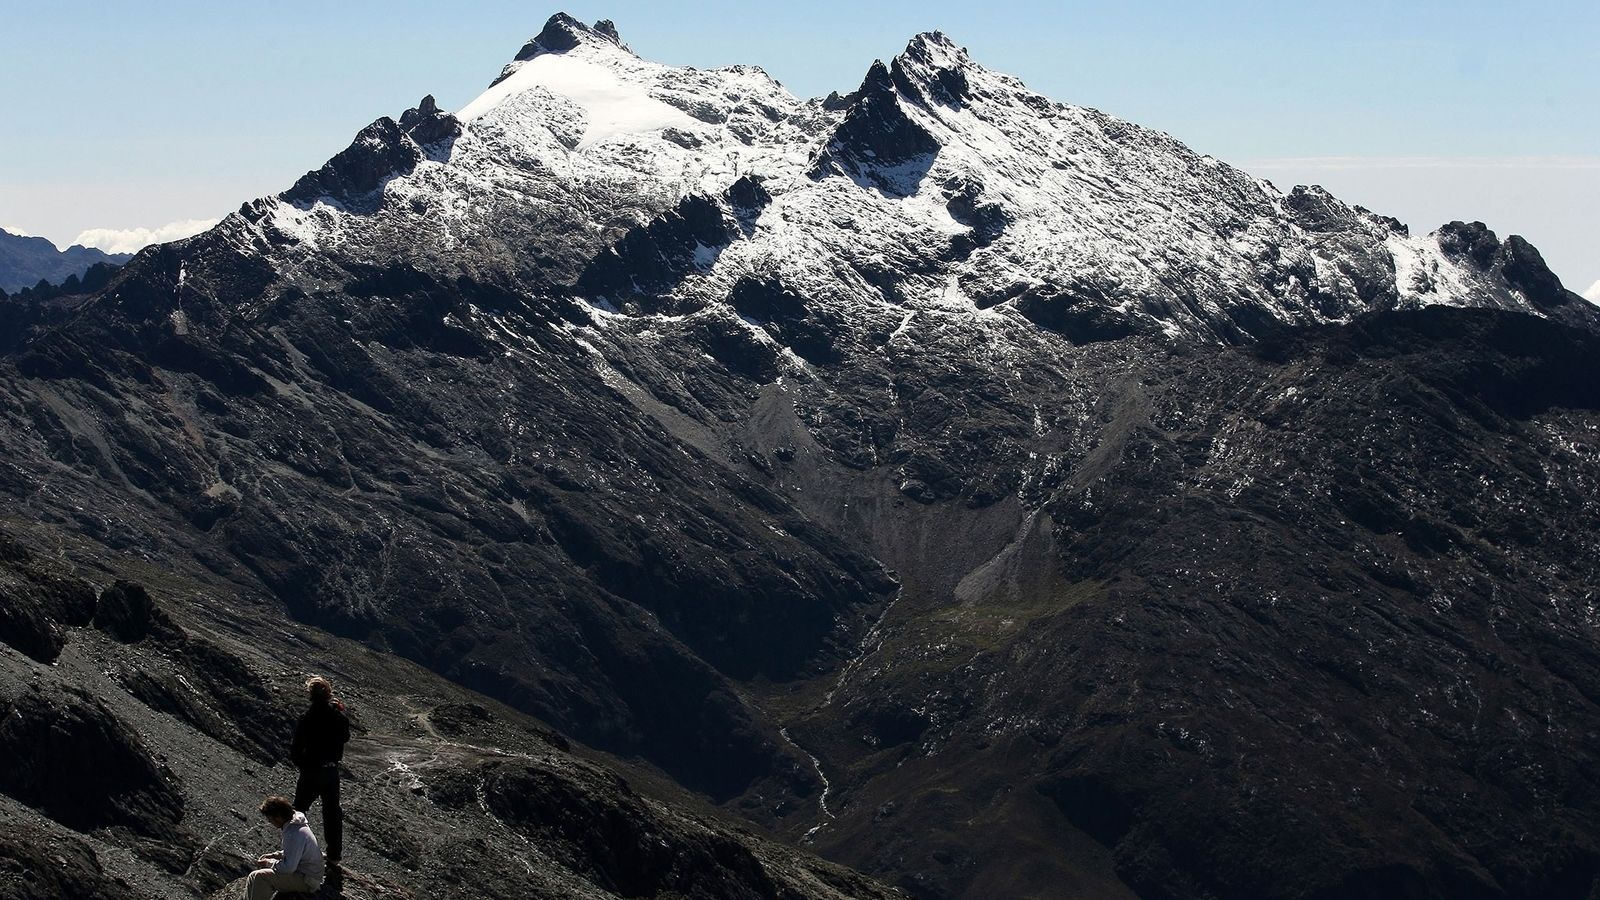 Der Pico Humboldt in den venezolanischen Anden beheimatet den letzten Gletscher des Landes. In wenigen Jahren ...